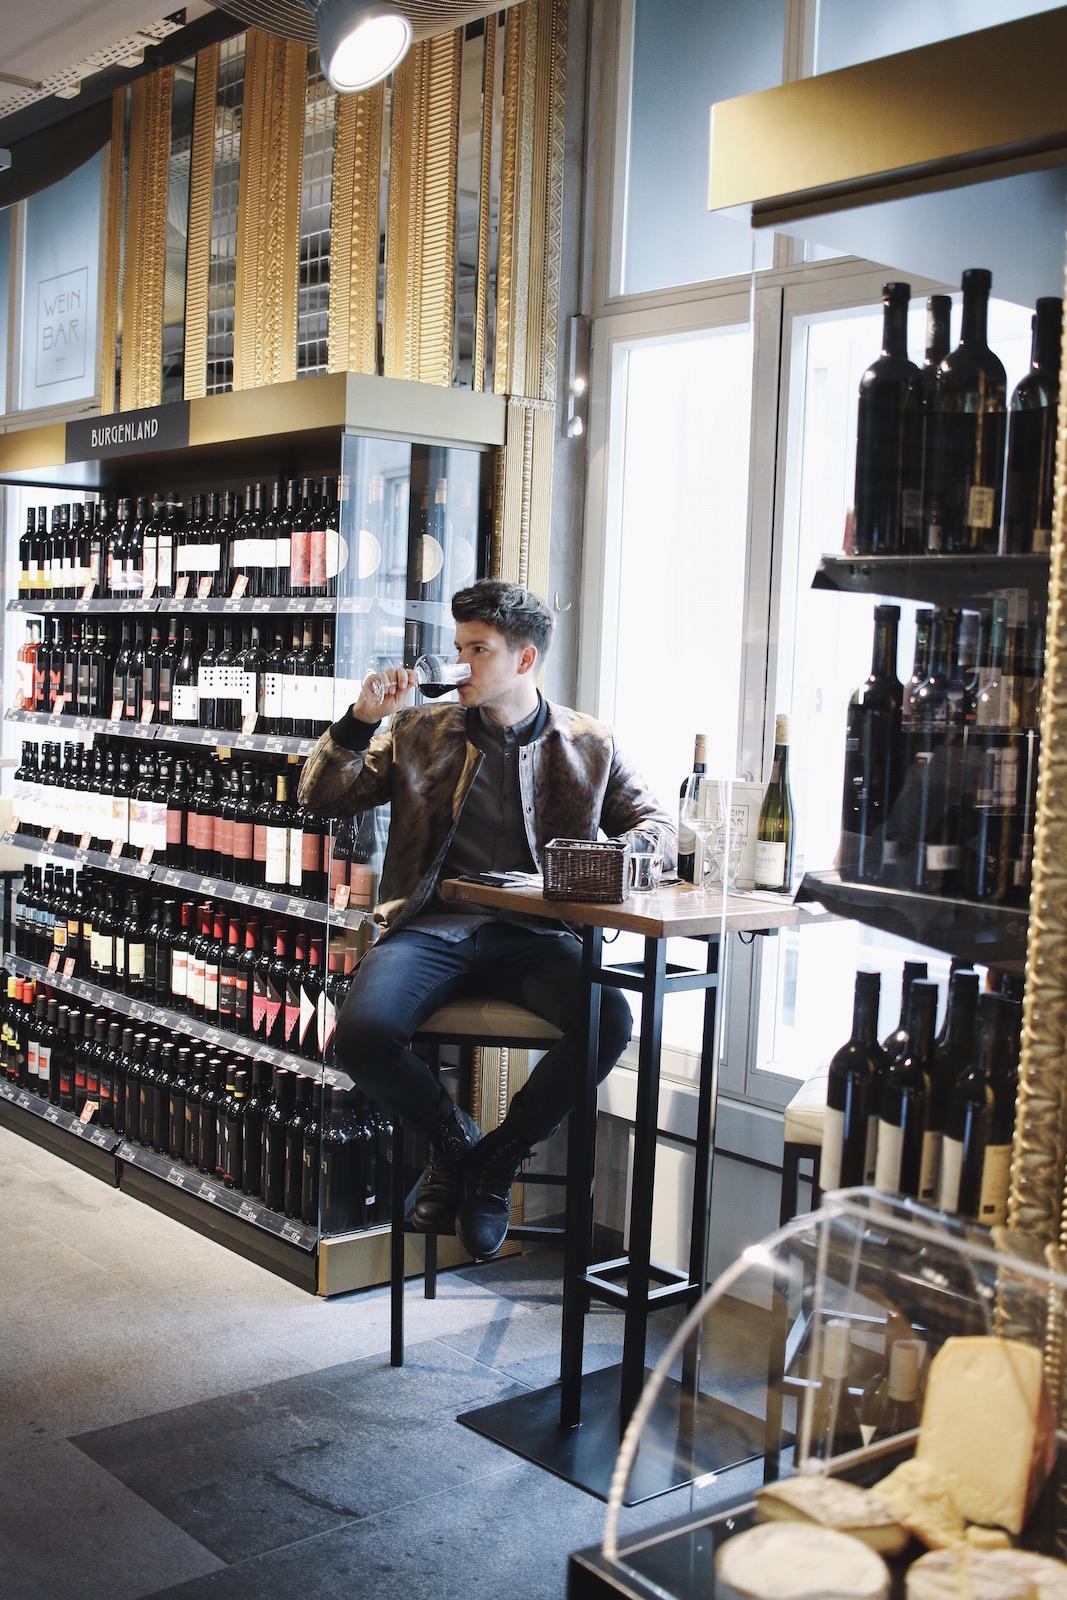 Weinbar im Merkur Hoher Markt_Restauranttest Review Weinverkostung Mittagsmenü_Wien erster Bezirk_Meanwhile in Awesometown_Wiener Männerblog Modeblog Lifestyleblog für Männer4